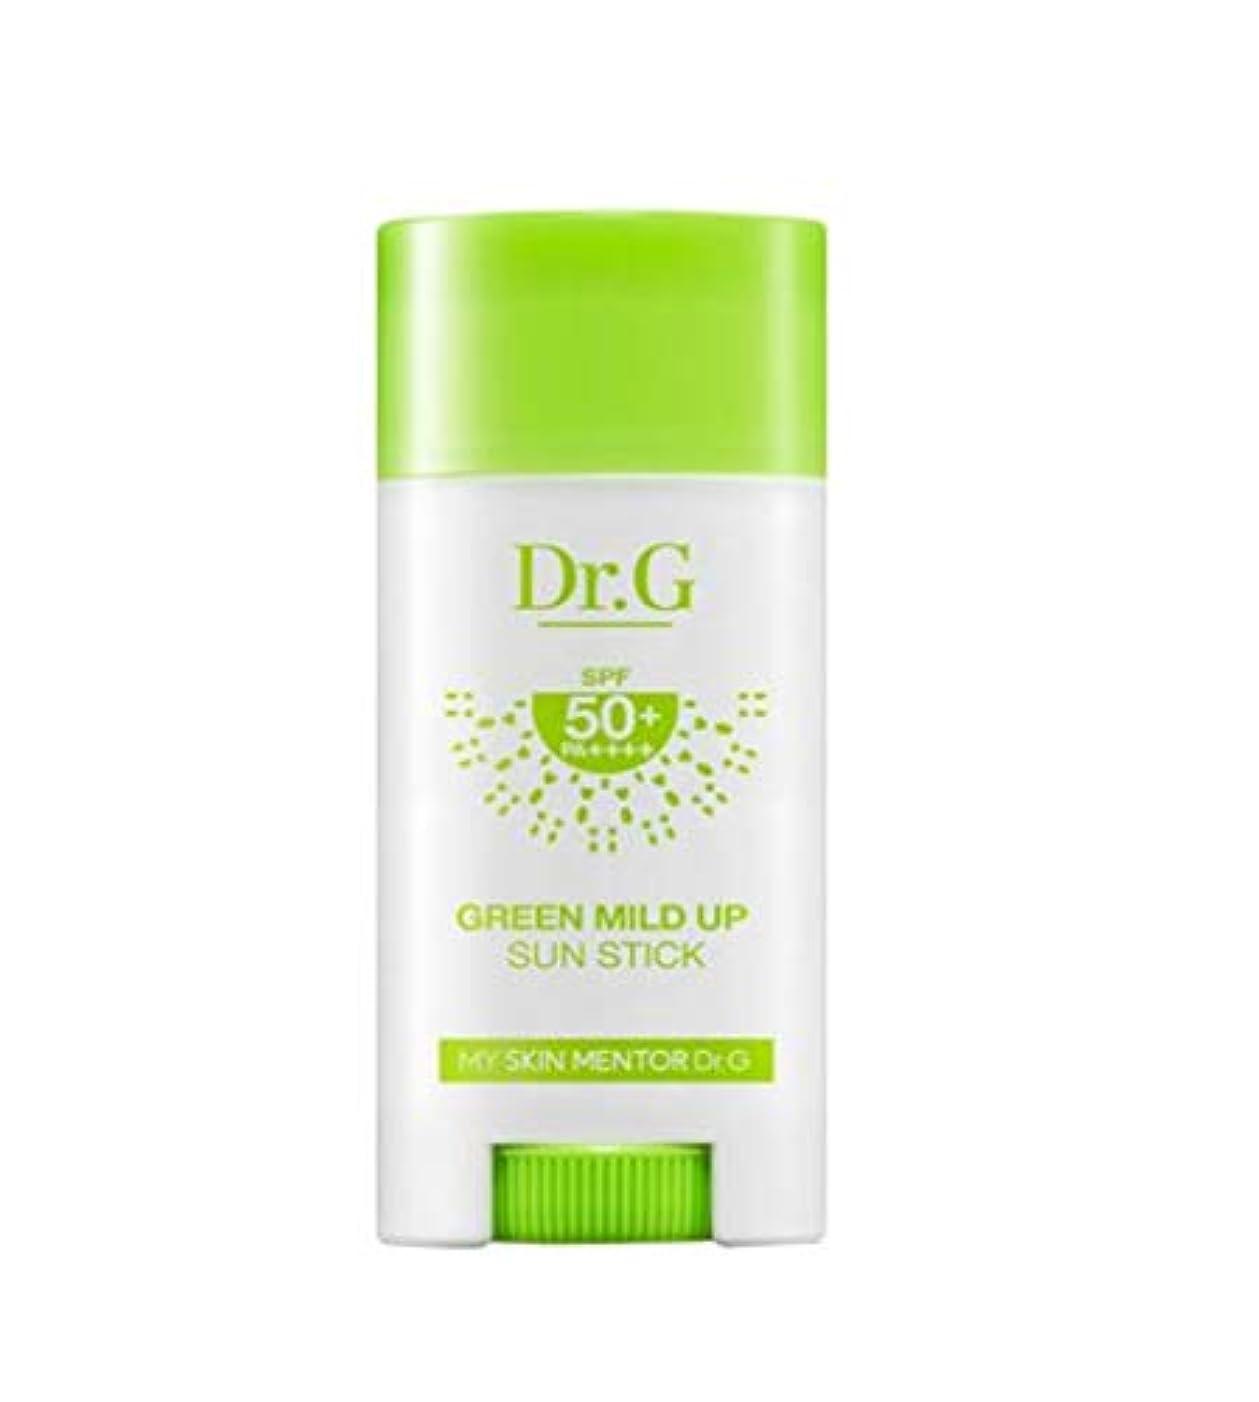 フィードバック対処するティッシュDr.G GREEN MILD UP Sun Stick 15g SPF50+ PA++++ 日焼け止めパーフェクトUVネック?手?足の甲?部分的に塗って修正スティック [並行輸入品]